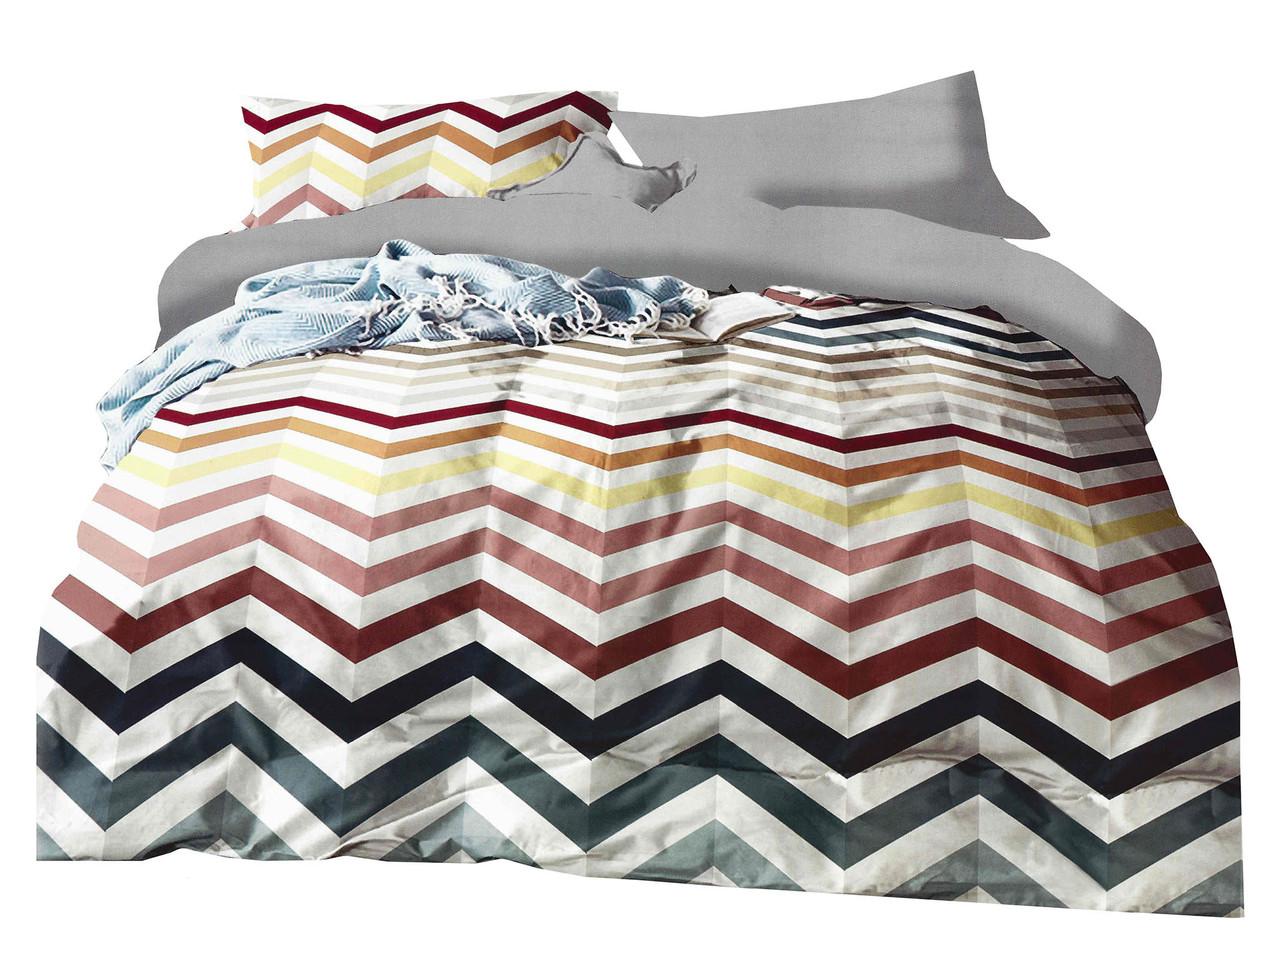 Комплект постельного белья Микроволокно HXDD-736 Collection World 6056 Разноцветный